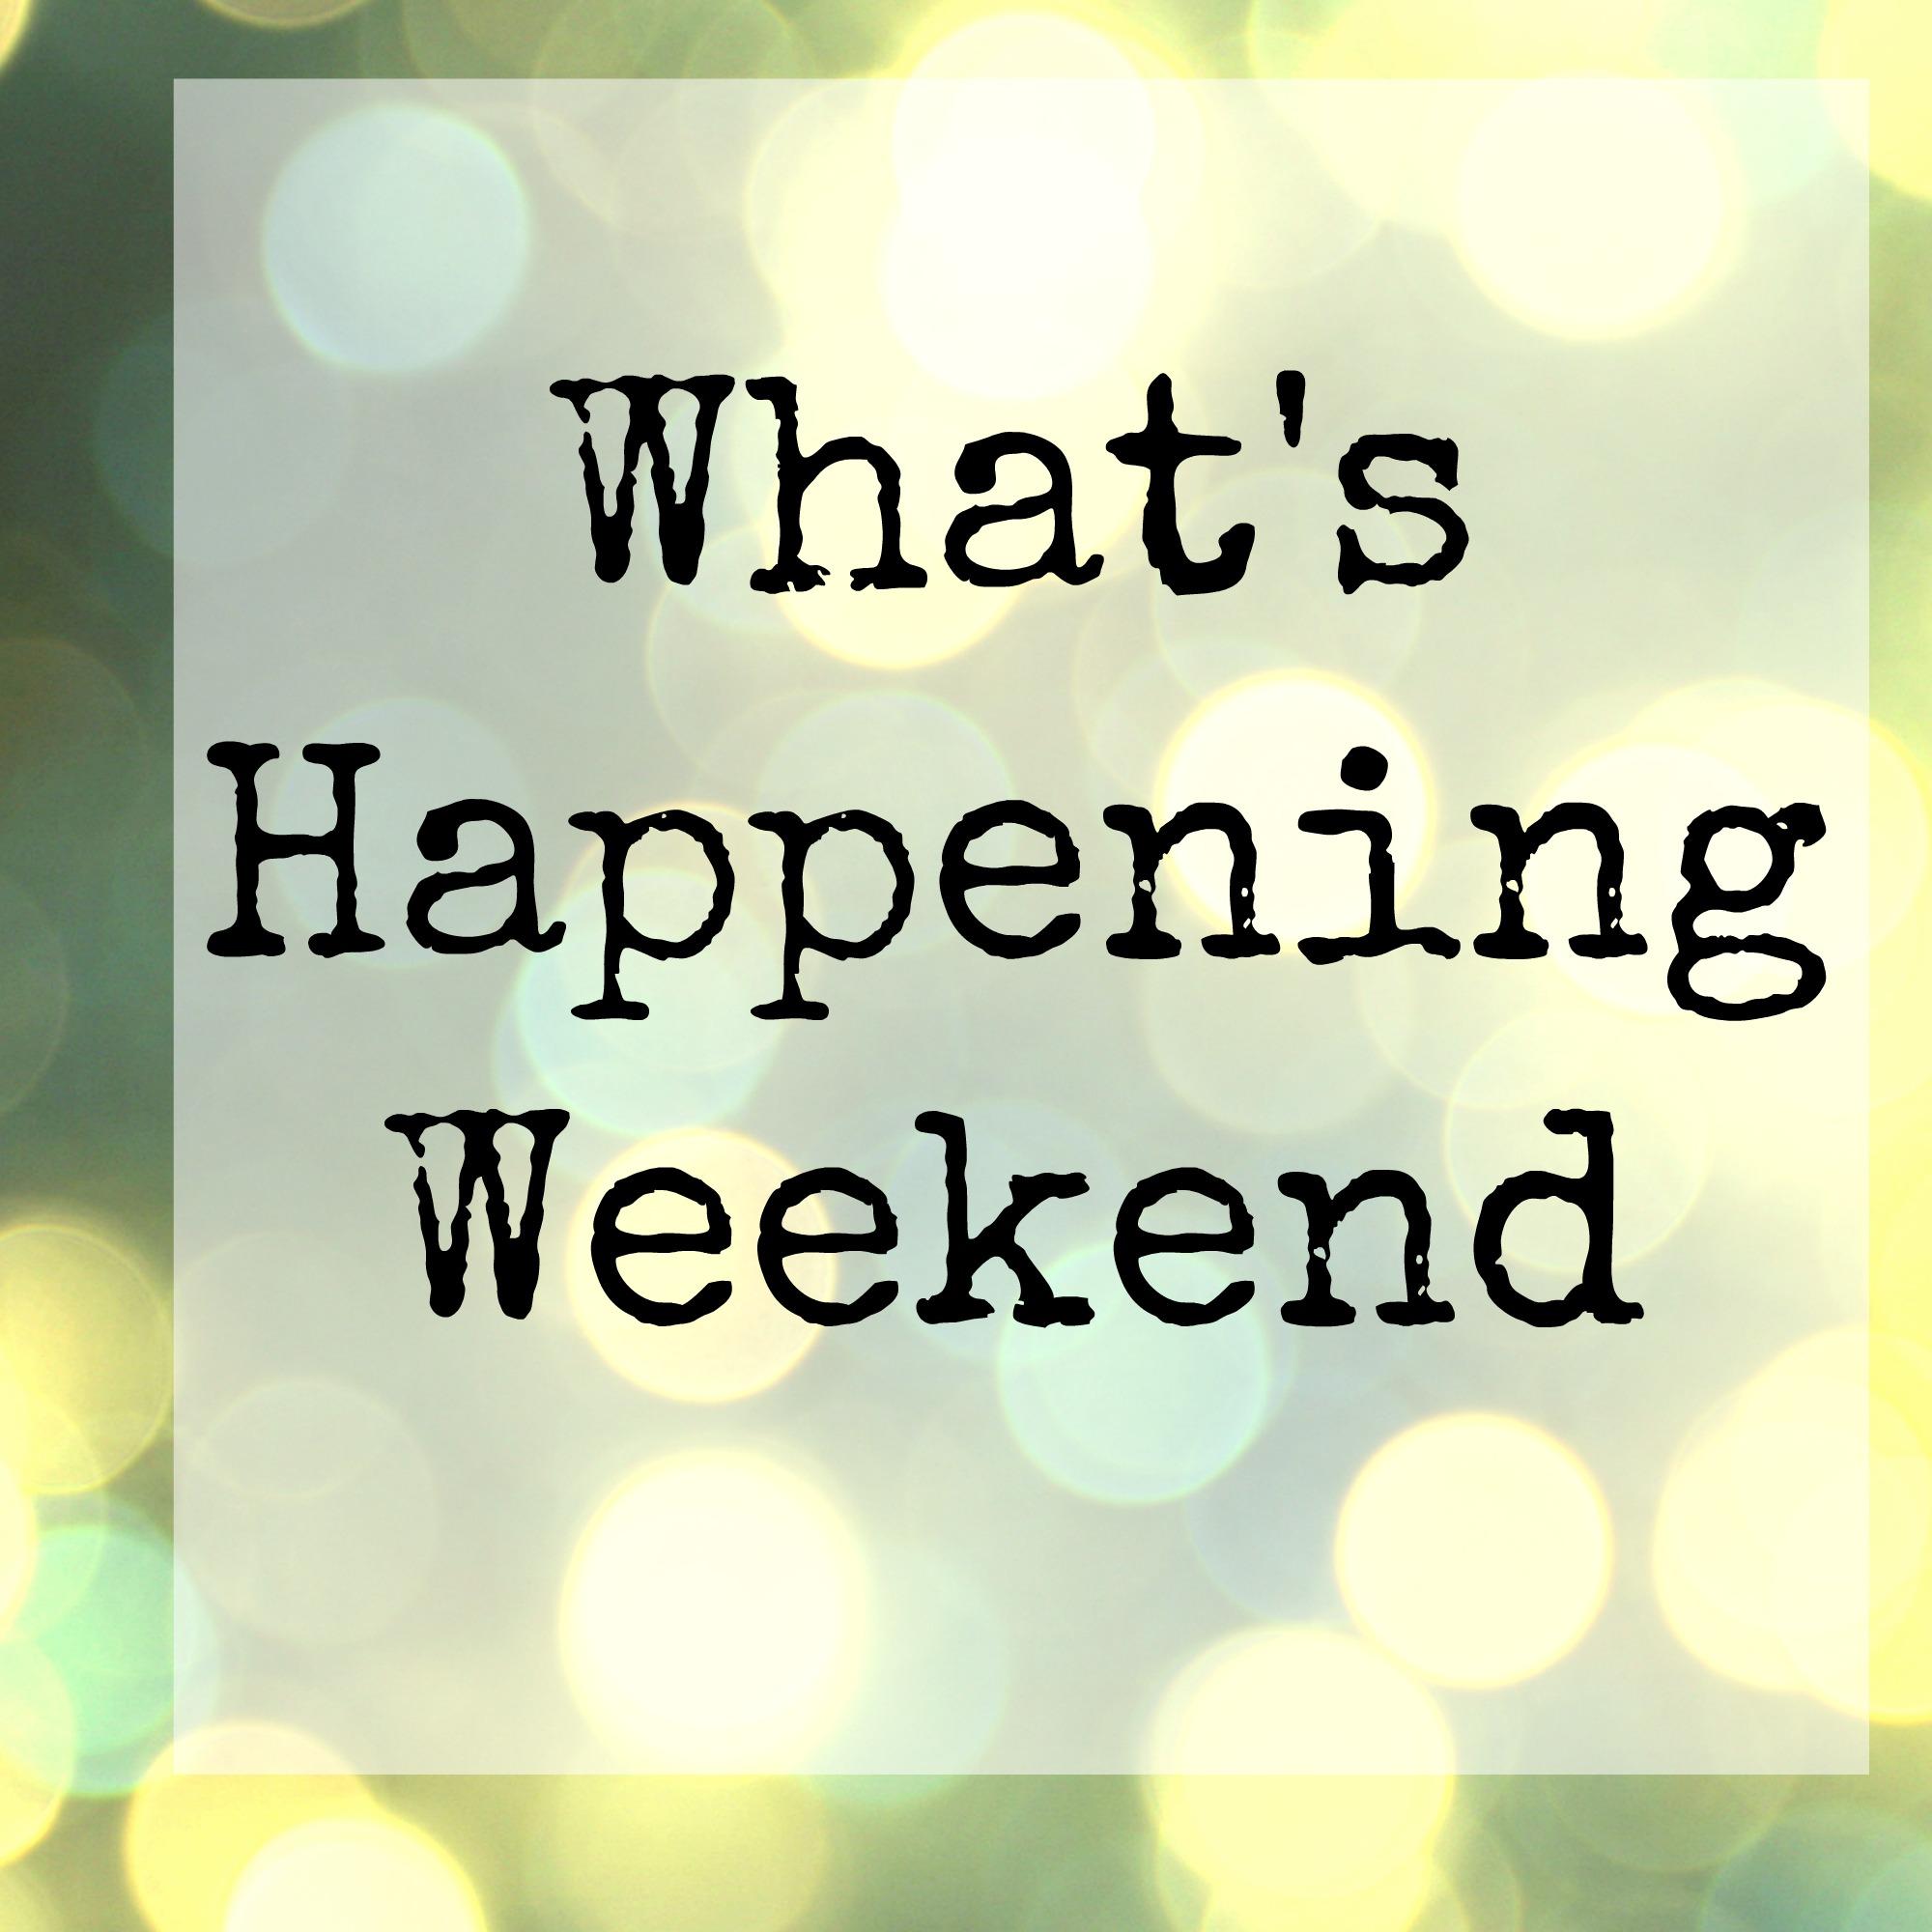 Happening This Weekend: What's Happening Weekend